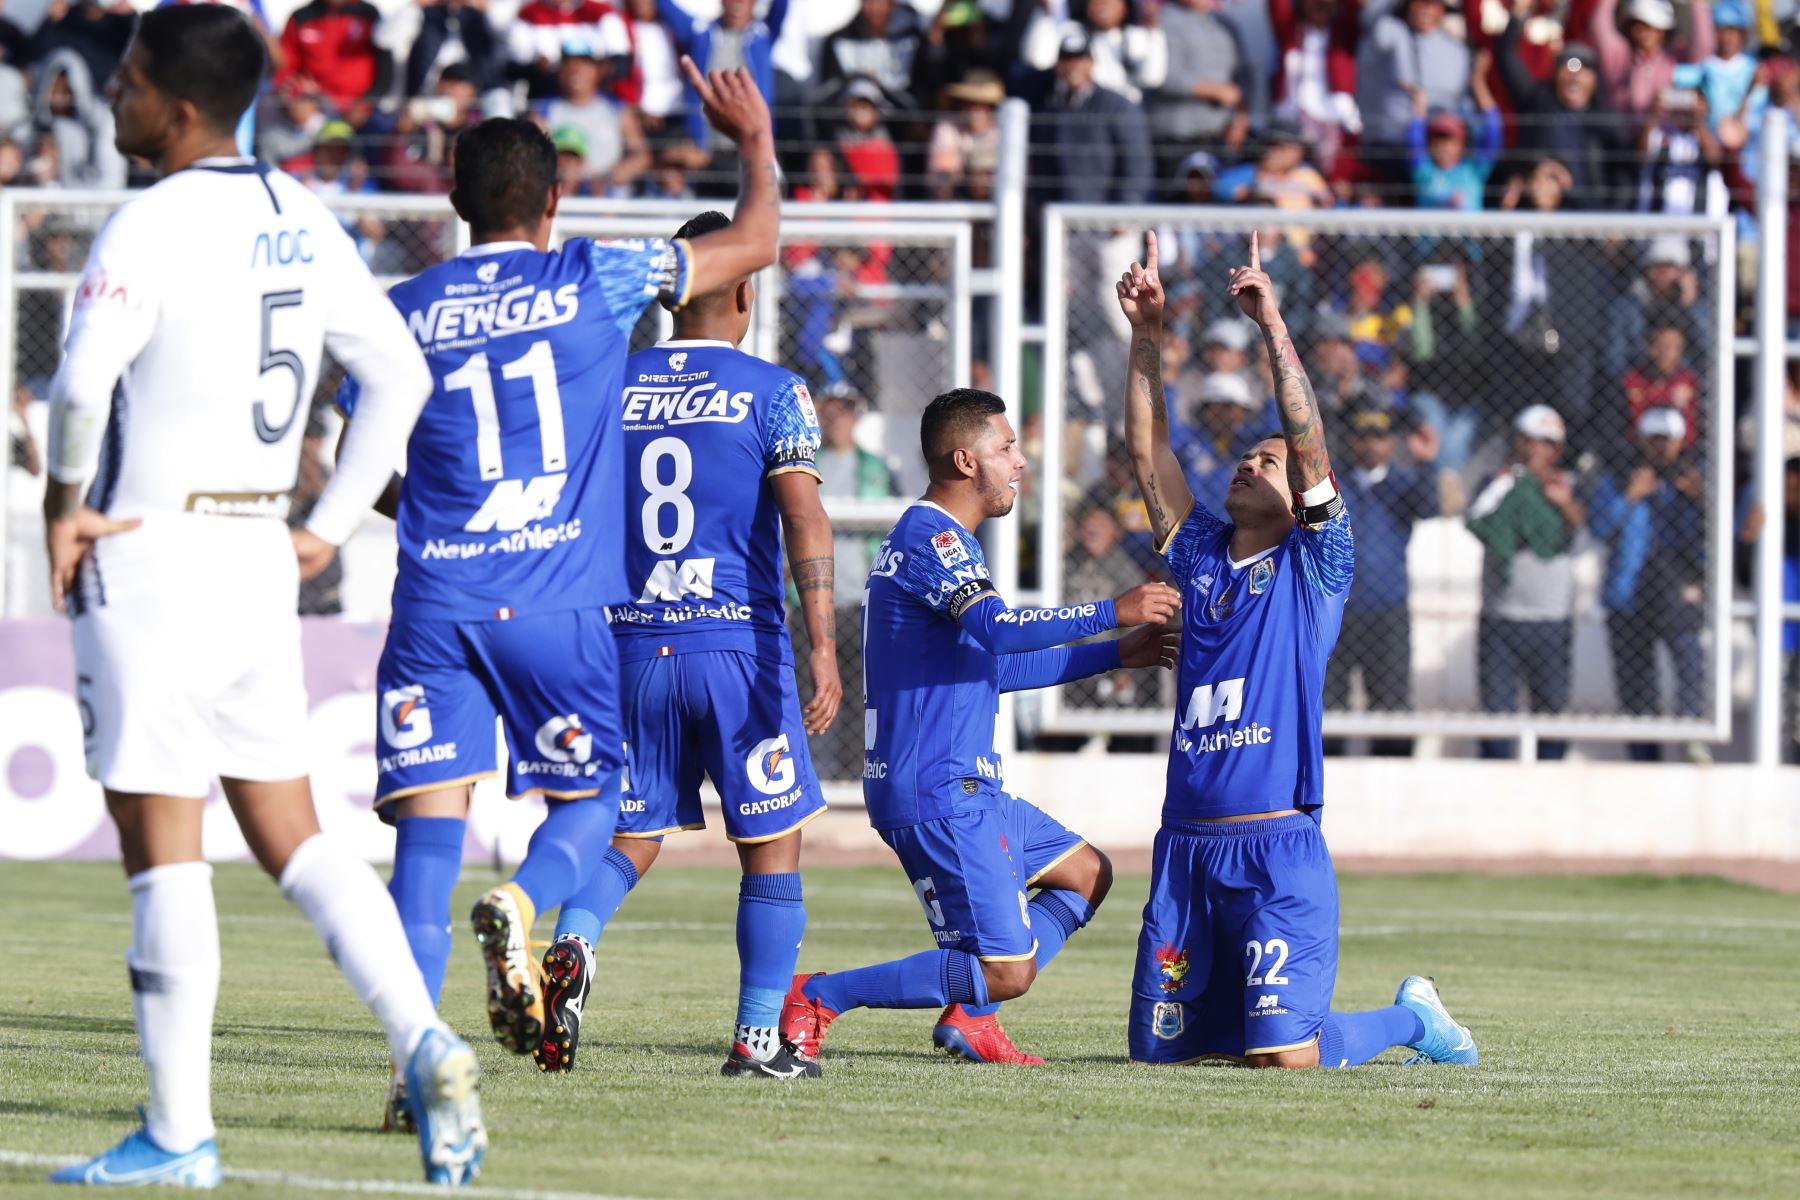 Donald Millán de  Binacional celebra el gol anotado ante Alianza Lima en el partido de ida en la final del fútbol peruano por la Liga 1, en la ciudad de Juliaca – Puno. Foto: ANDINA/Carlos Lezama